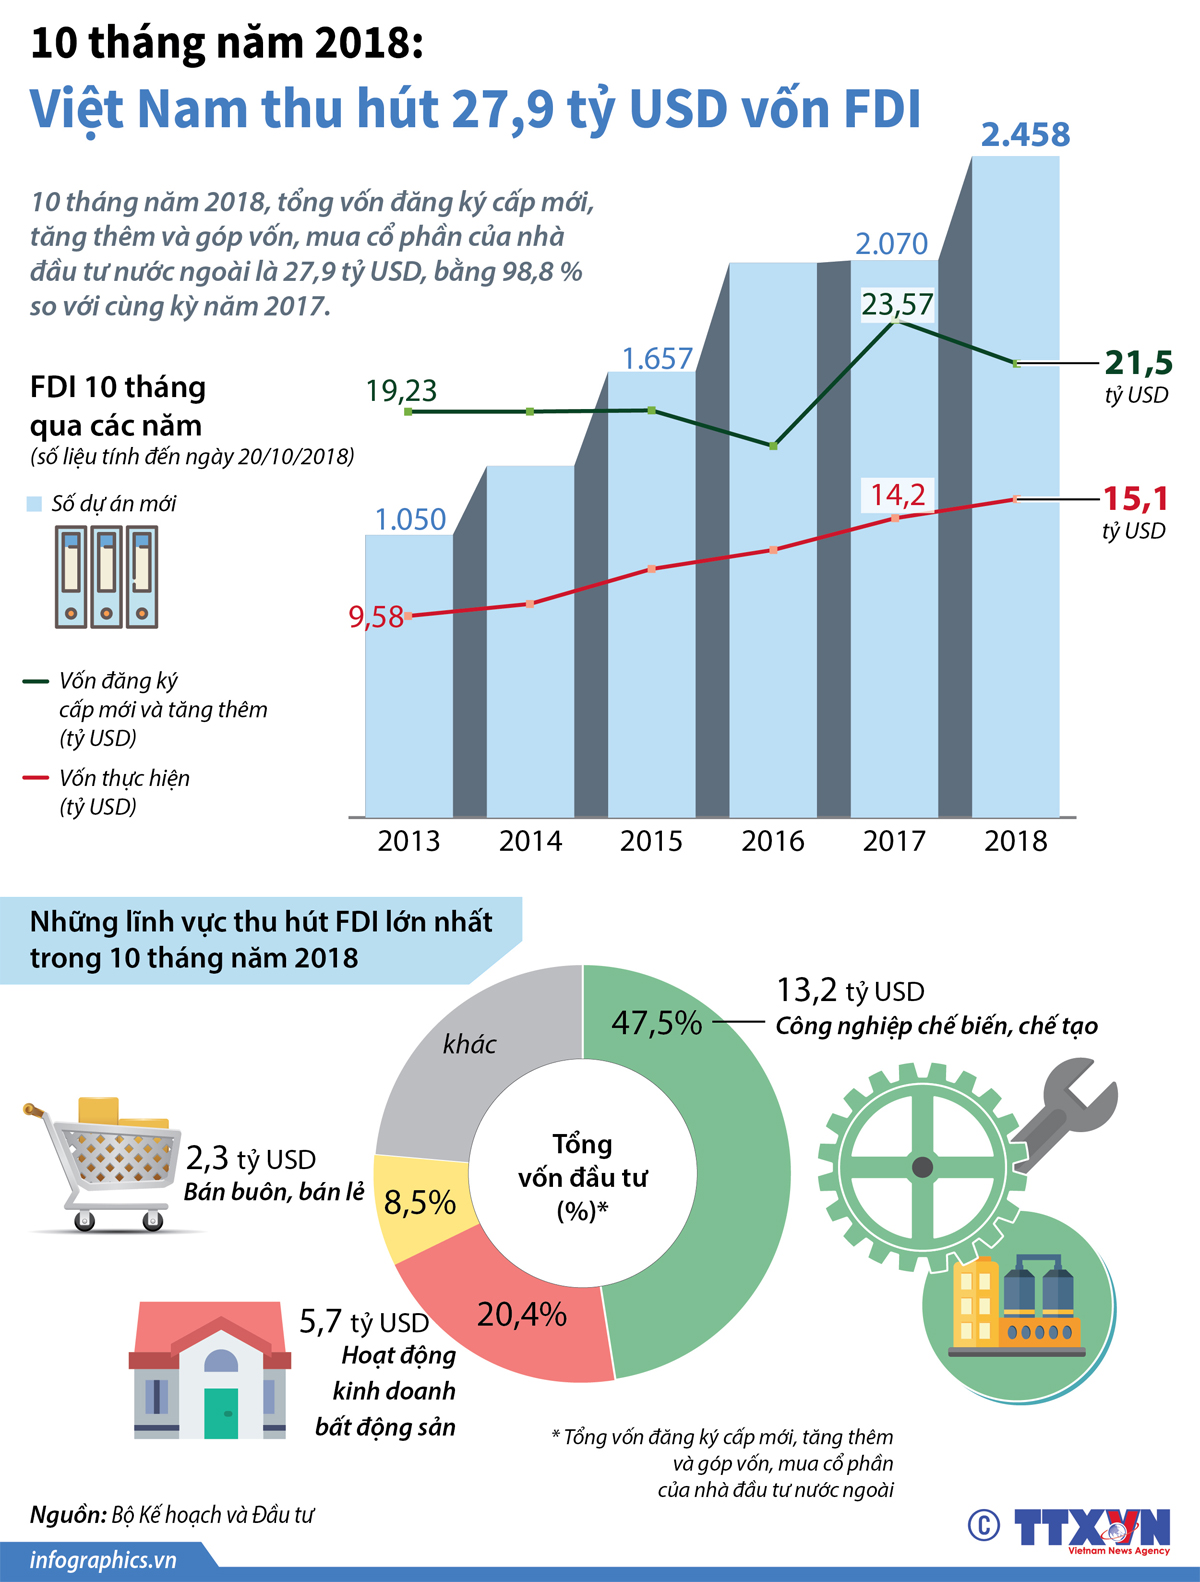 Việc làm, Infographics, Tin đồ họa, Thông tin đồ họa, FDI, Vốn đầu tư trực tiếp nước ngoài